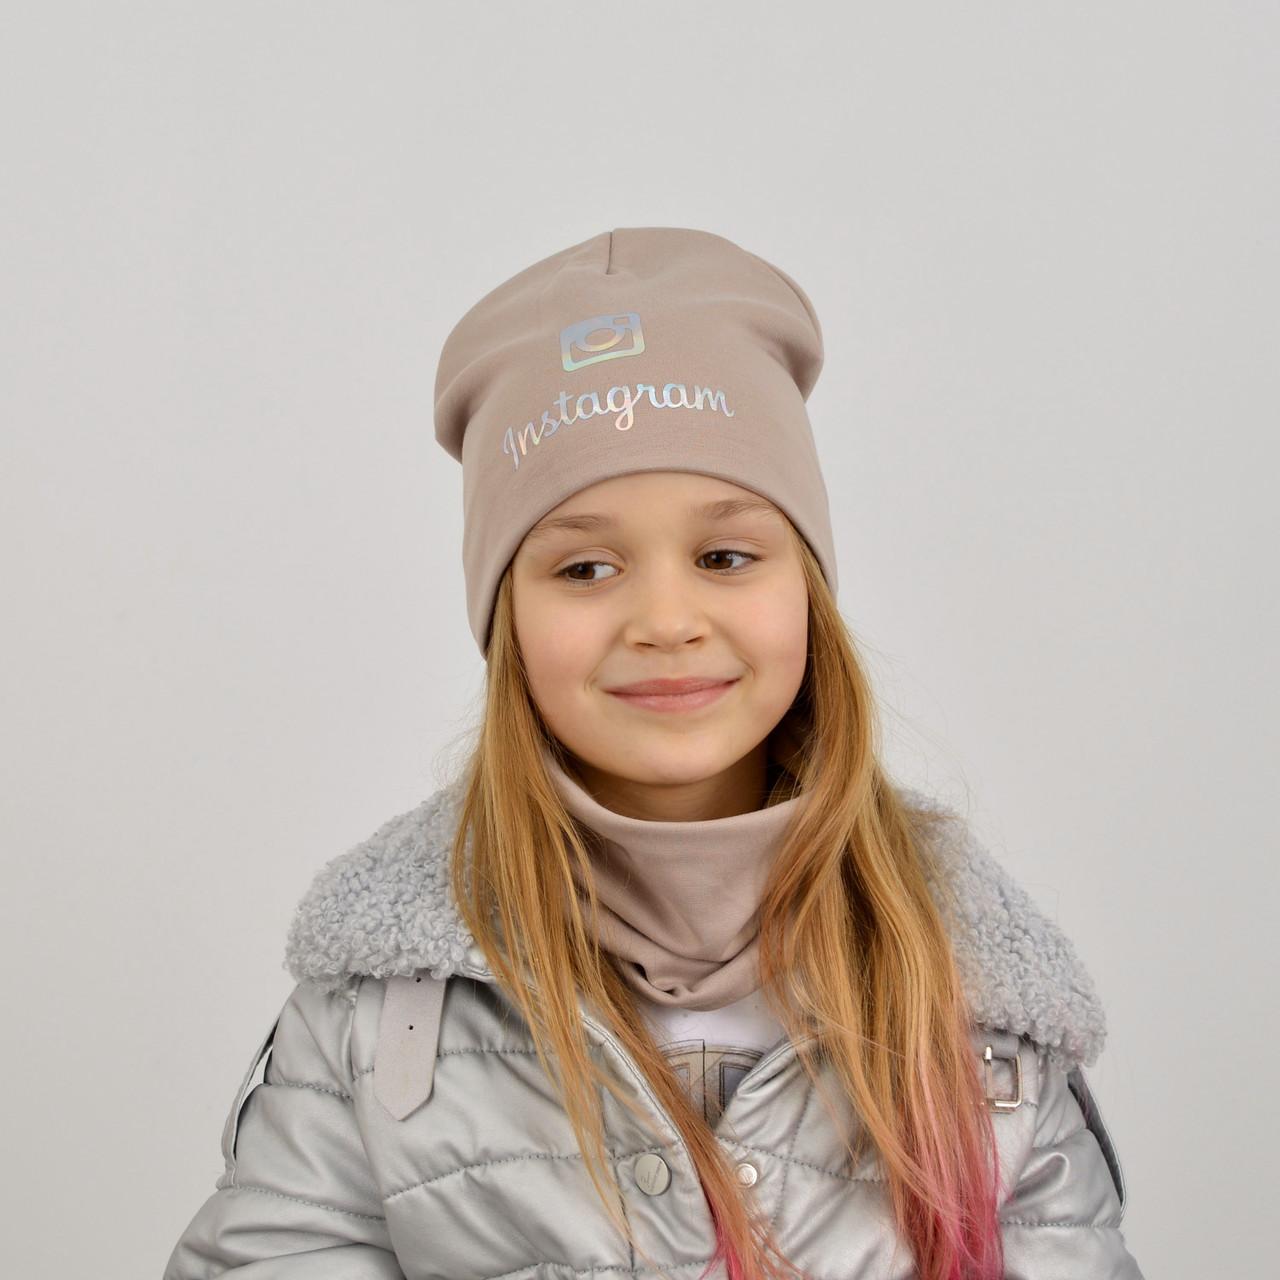 Дитячий трикотажний комплект на флісі оптом (шапка+хомут) Instagram світла пудра+голограма